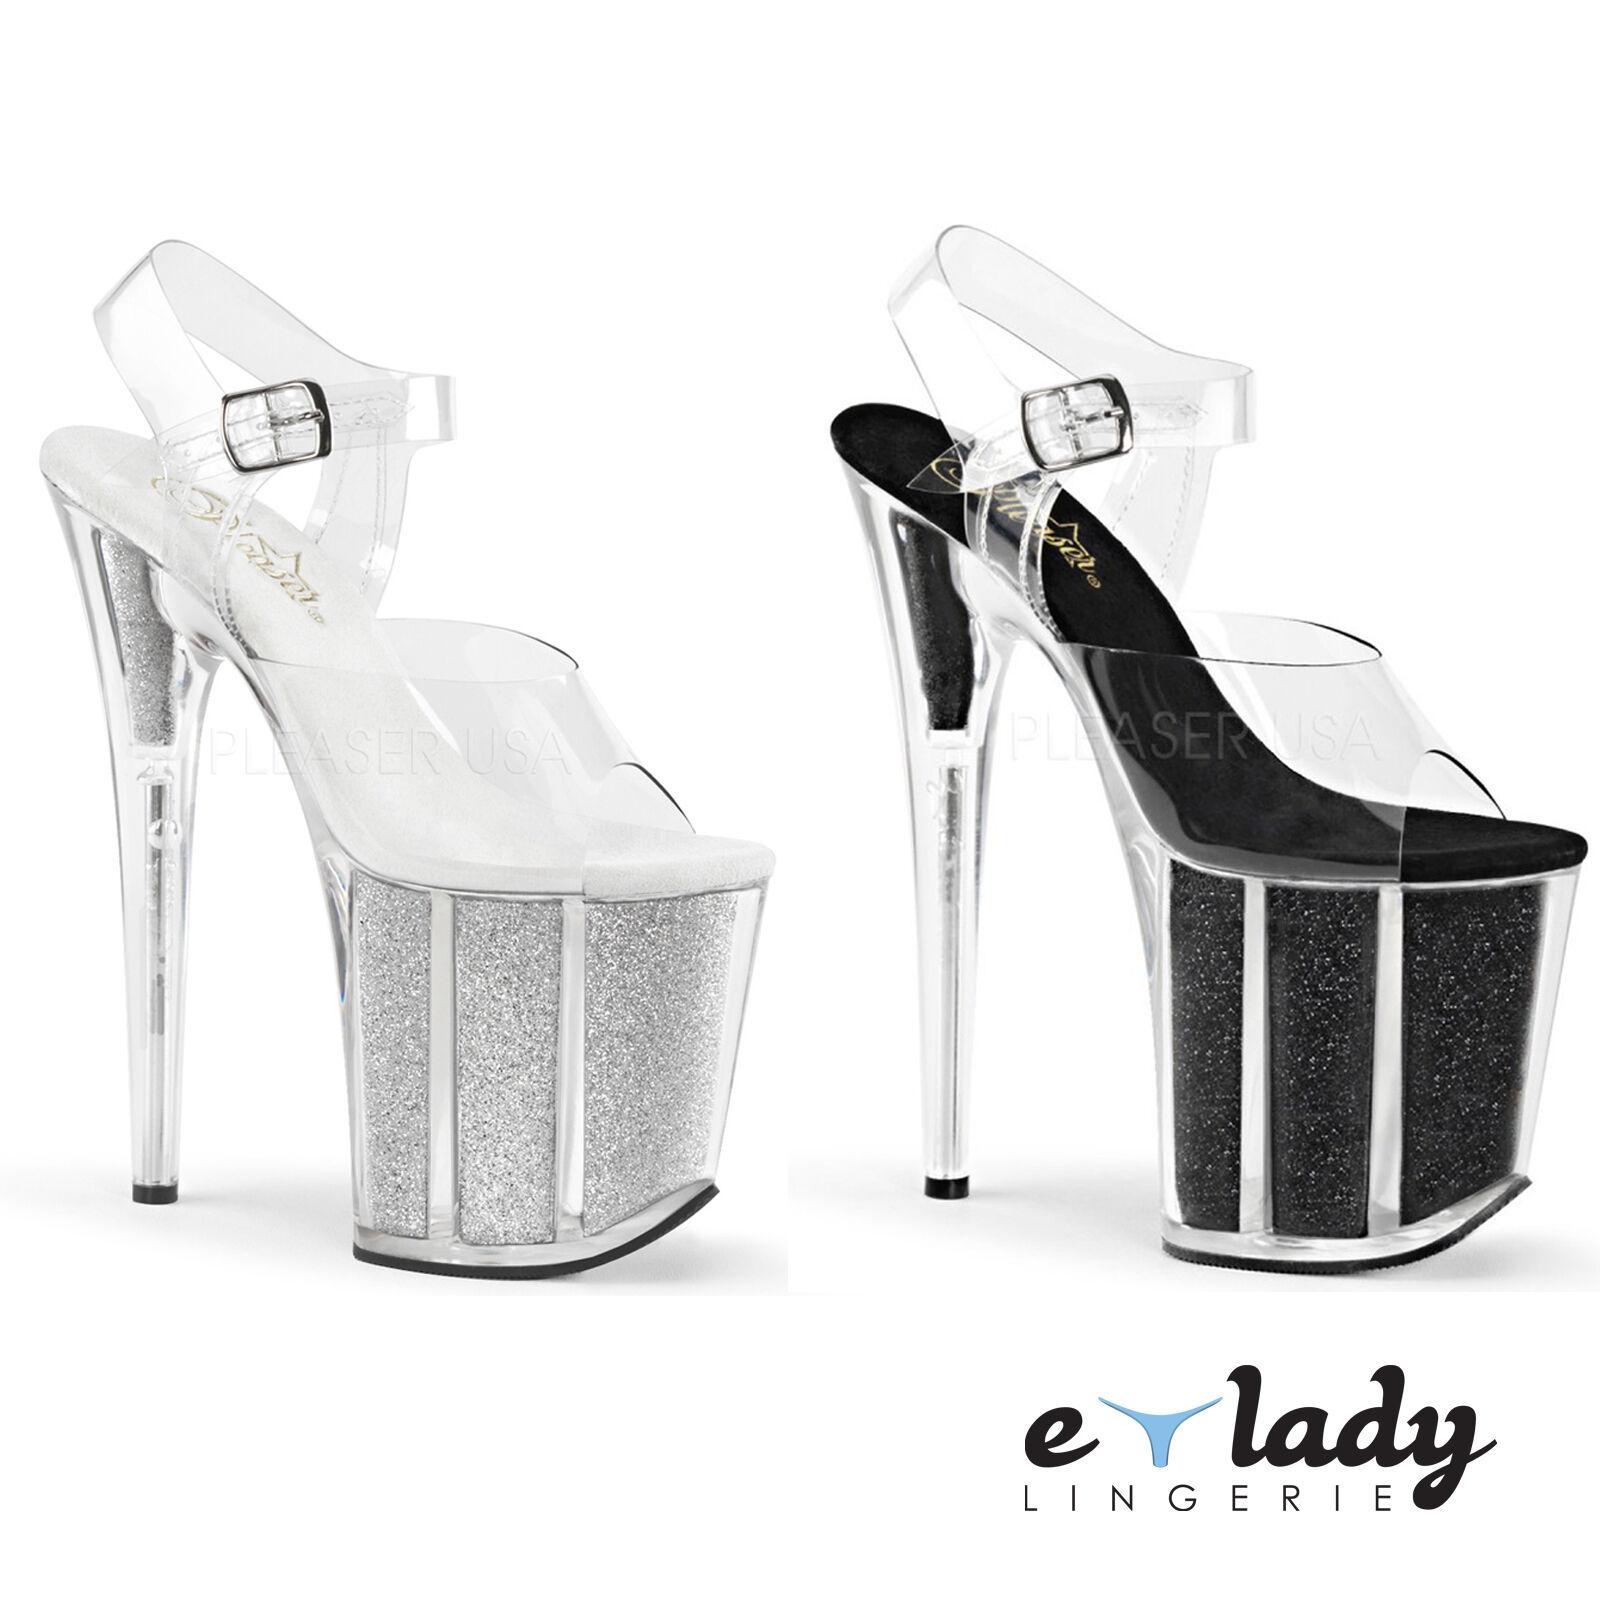 Pleaser flamingo - 808G chaussures stiletto talons hauts plateforme bride cheville paillettes neuf